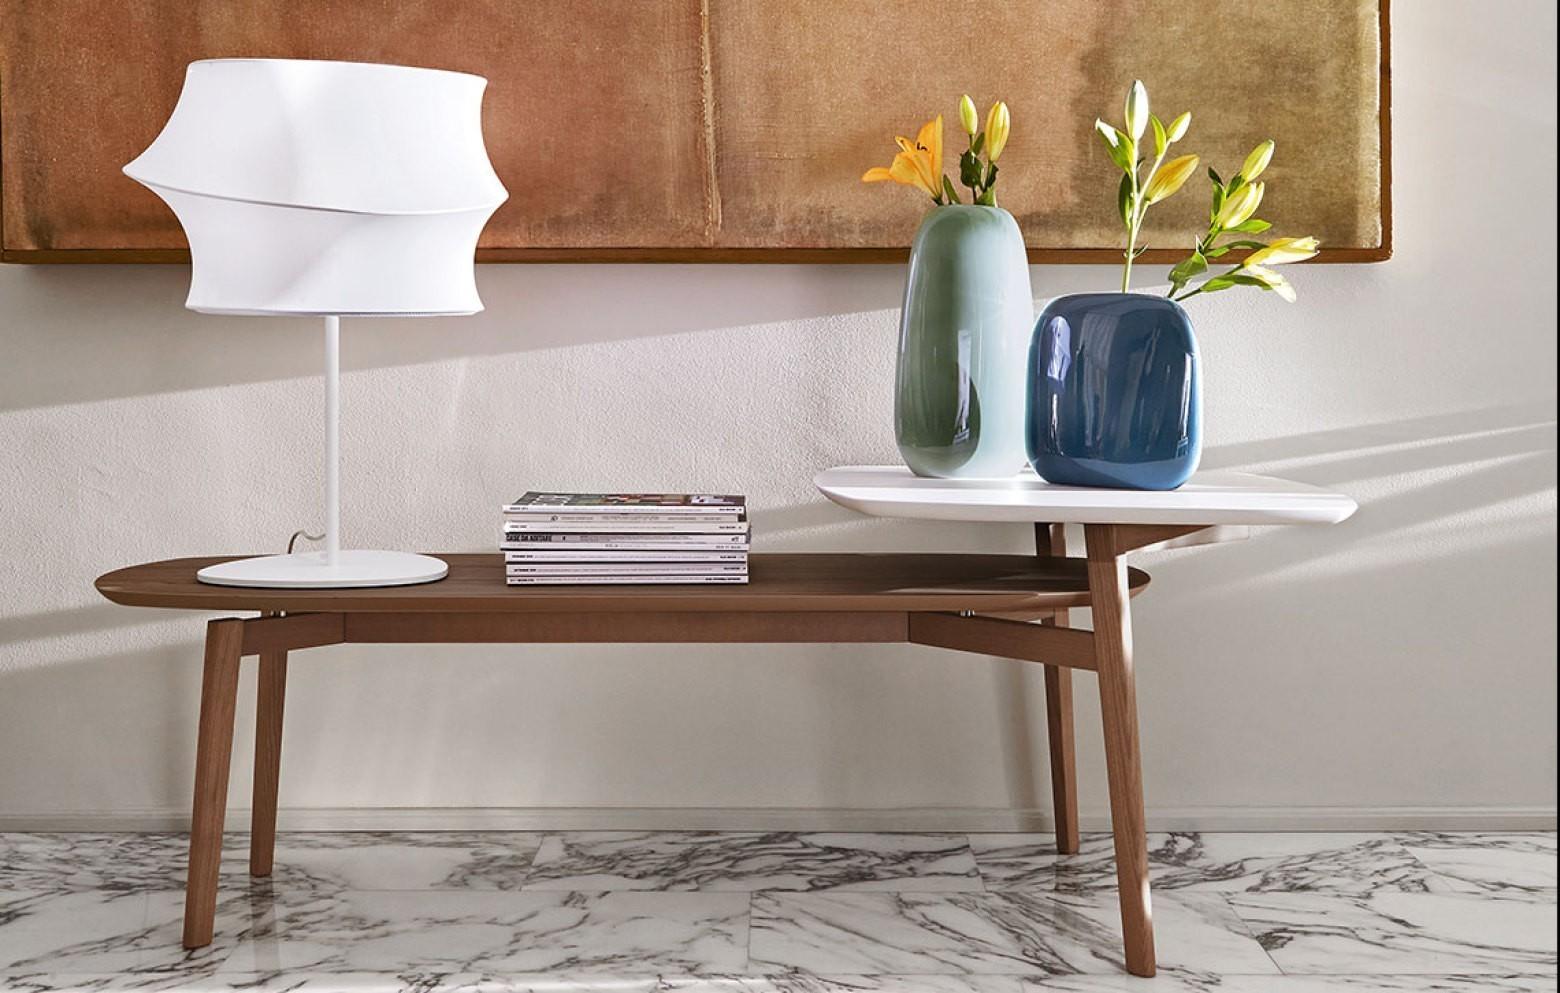 MATCH Couchtisch  Couchtische  Kleinmöbel & Accessoires